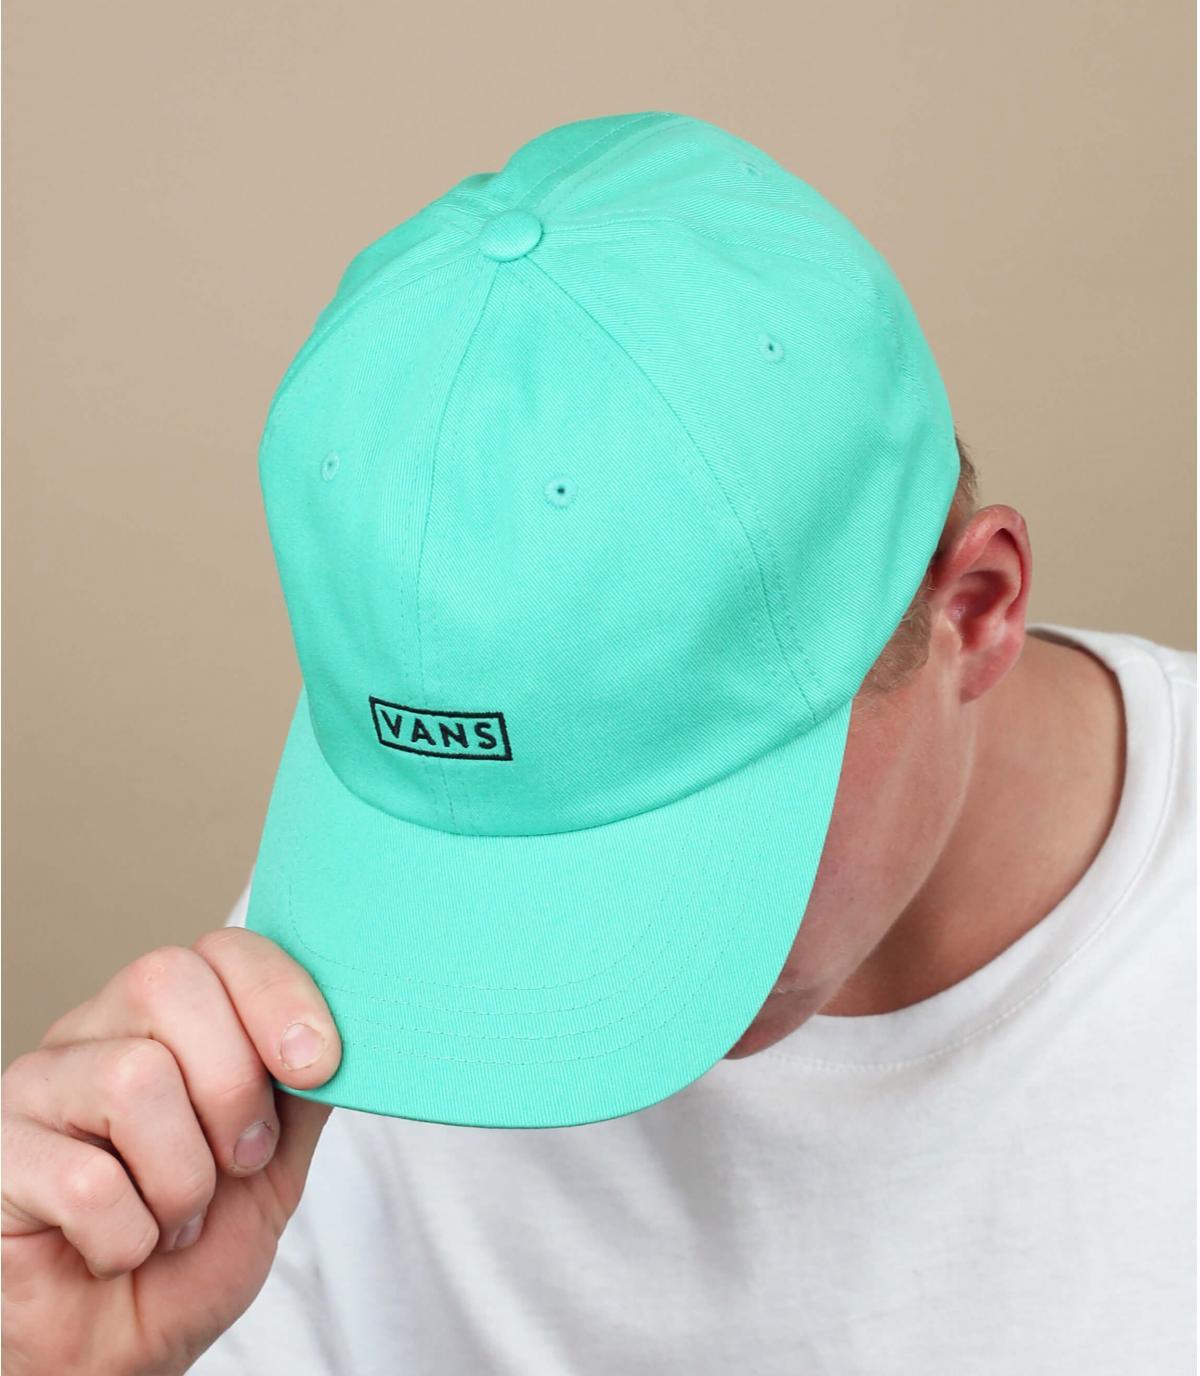 casquette Vans bleu turquoise